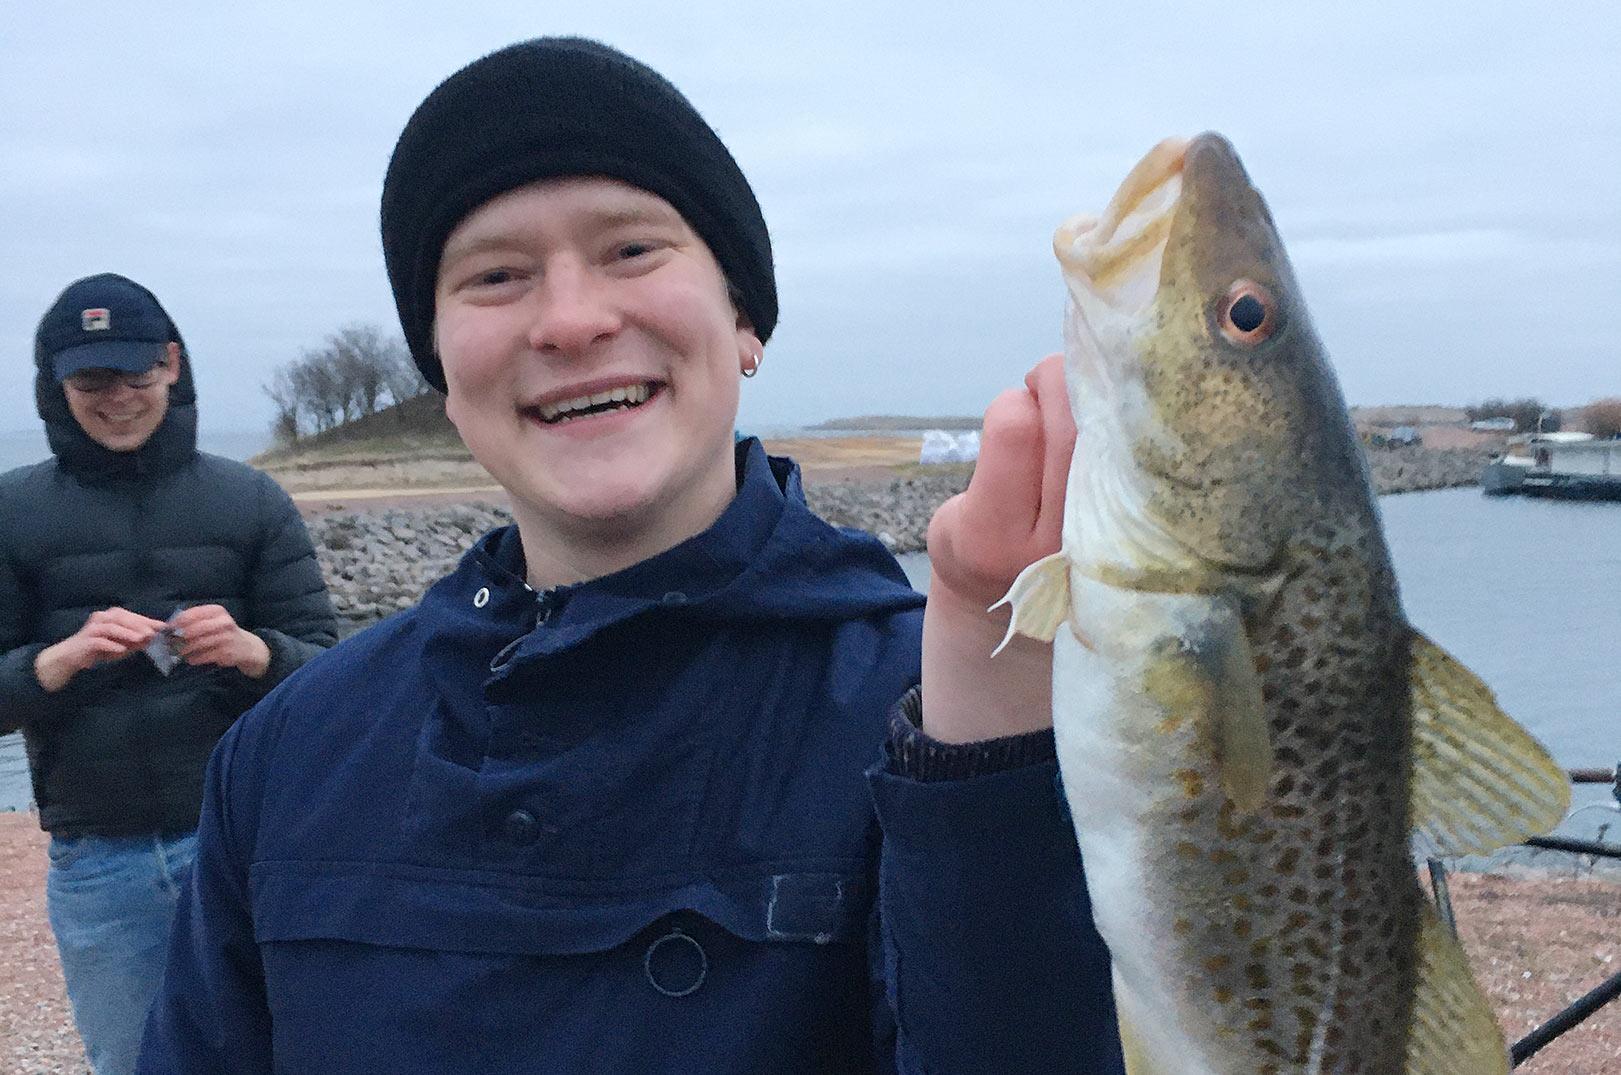 Liv og glade torskedage i Nordhanven, som er en del af Københavns Havn.